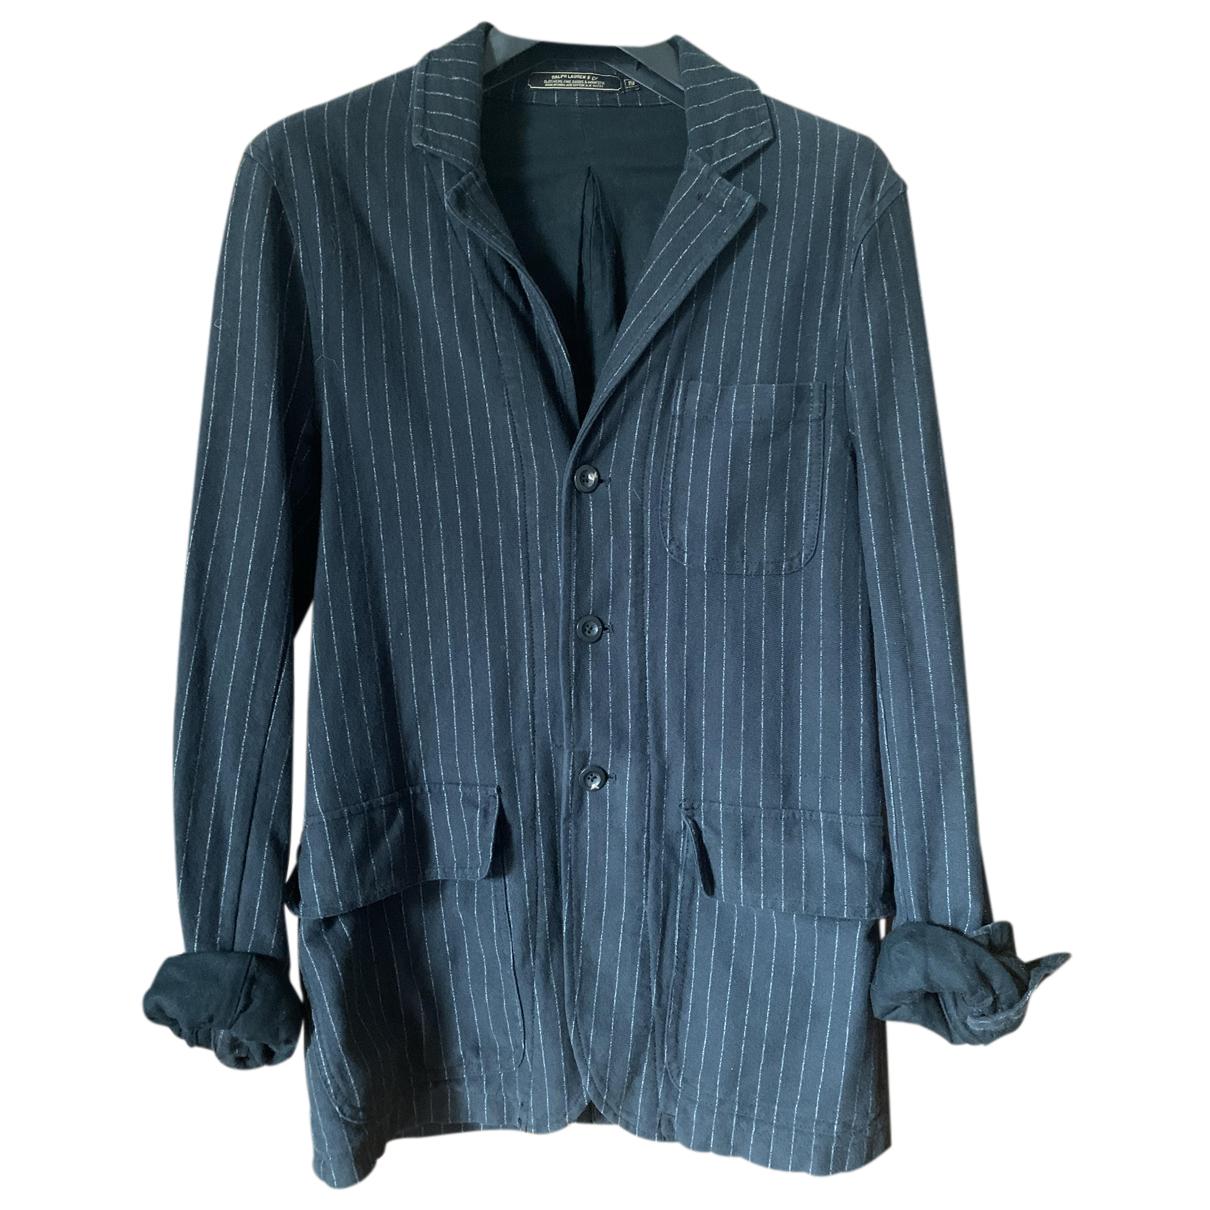 Ralph Lauren - Vestes.Blousons   pour homme en coton - noir